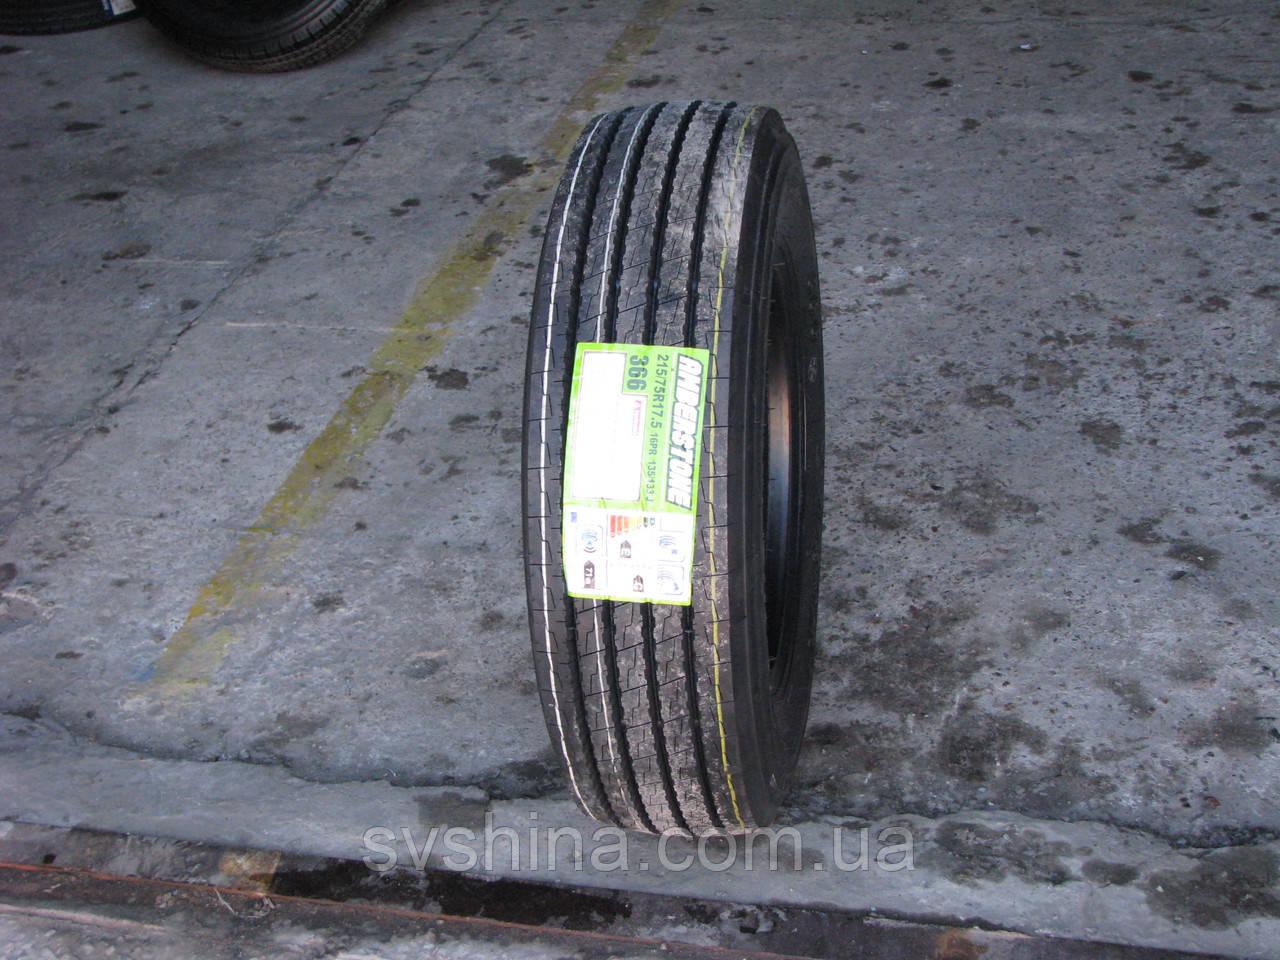 Грузовые шины 215/75R17.5 Amberstone 366, 135/133J, рулевая 16 нс.